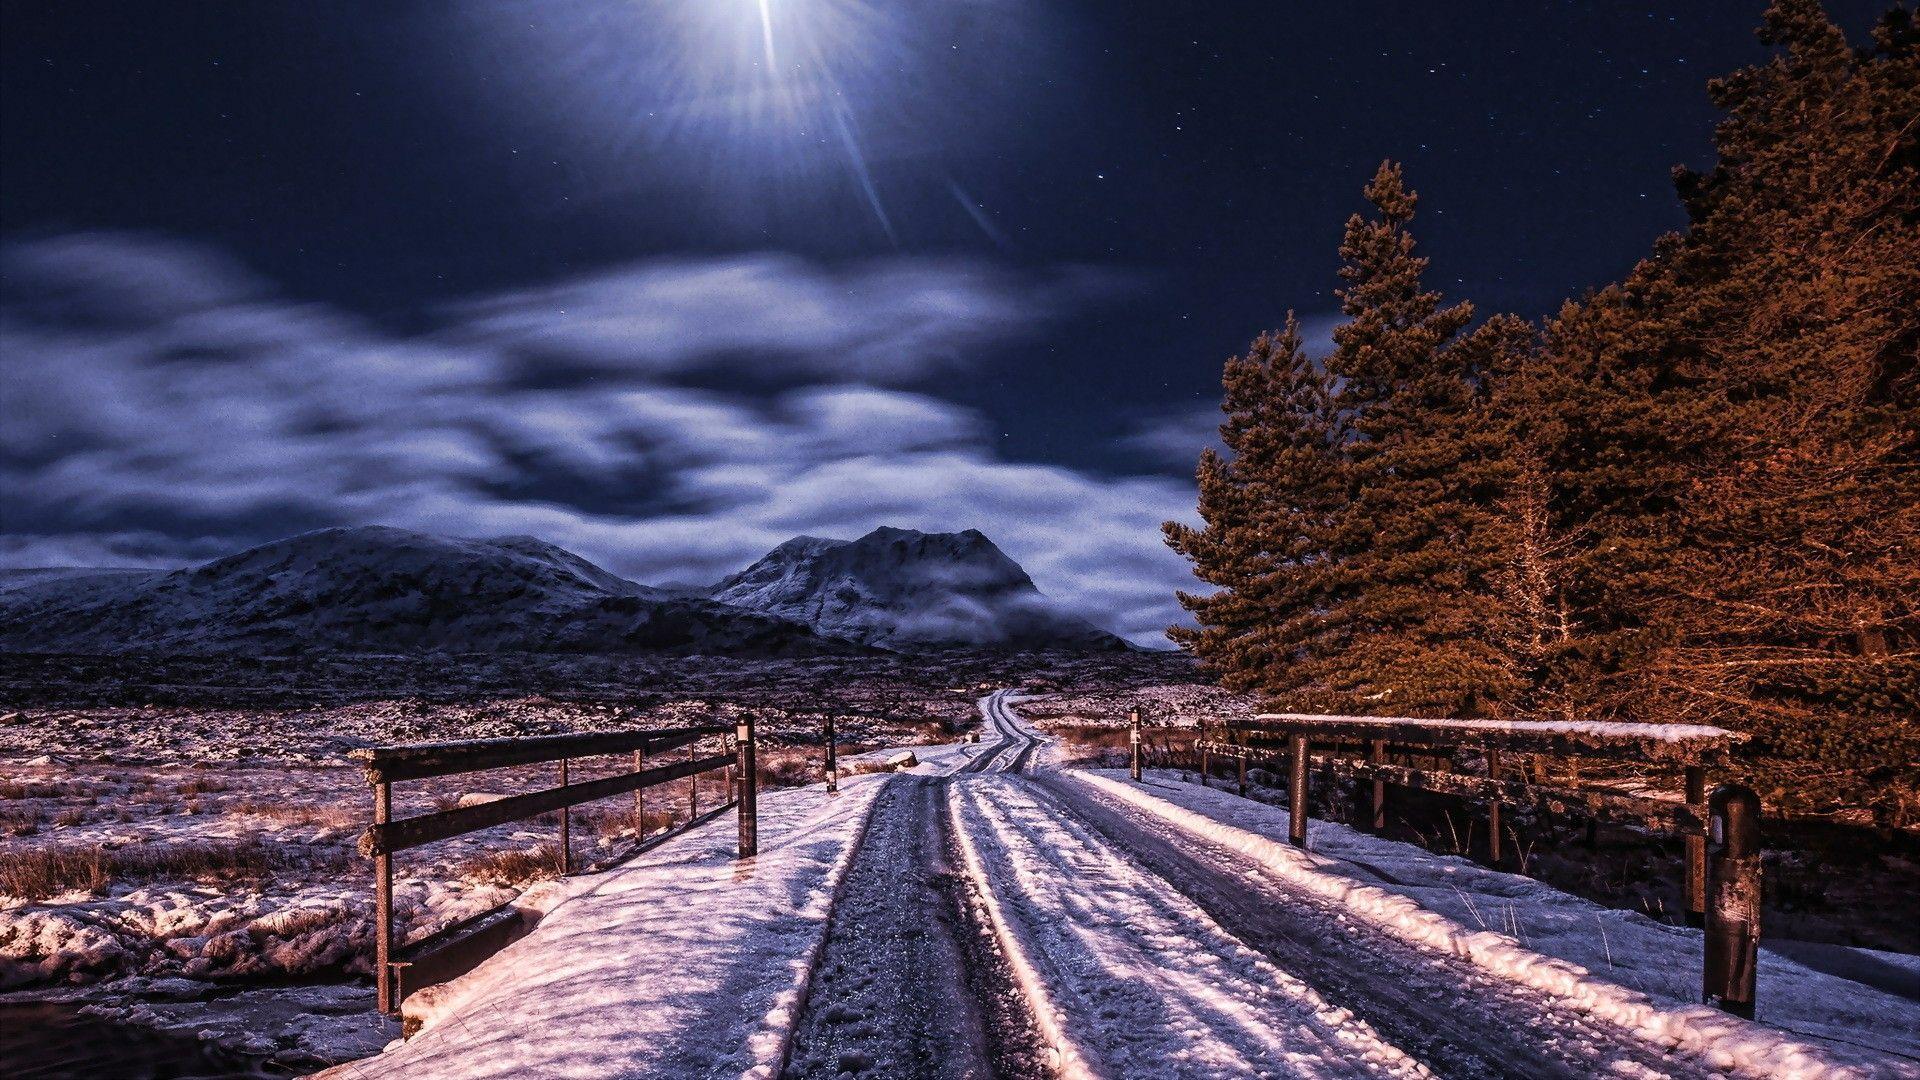 Night Winter Road Wallpaper